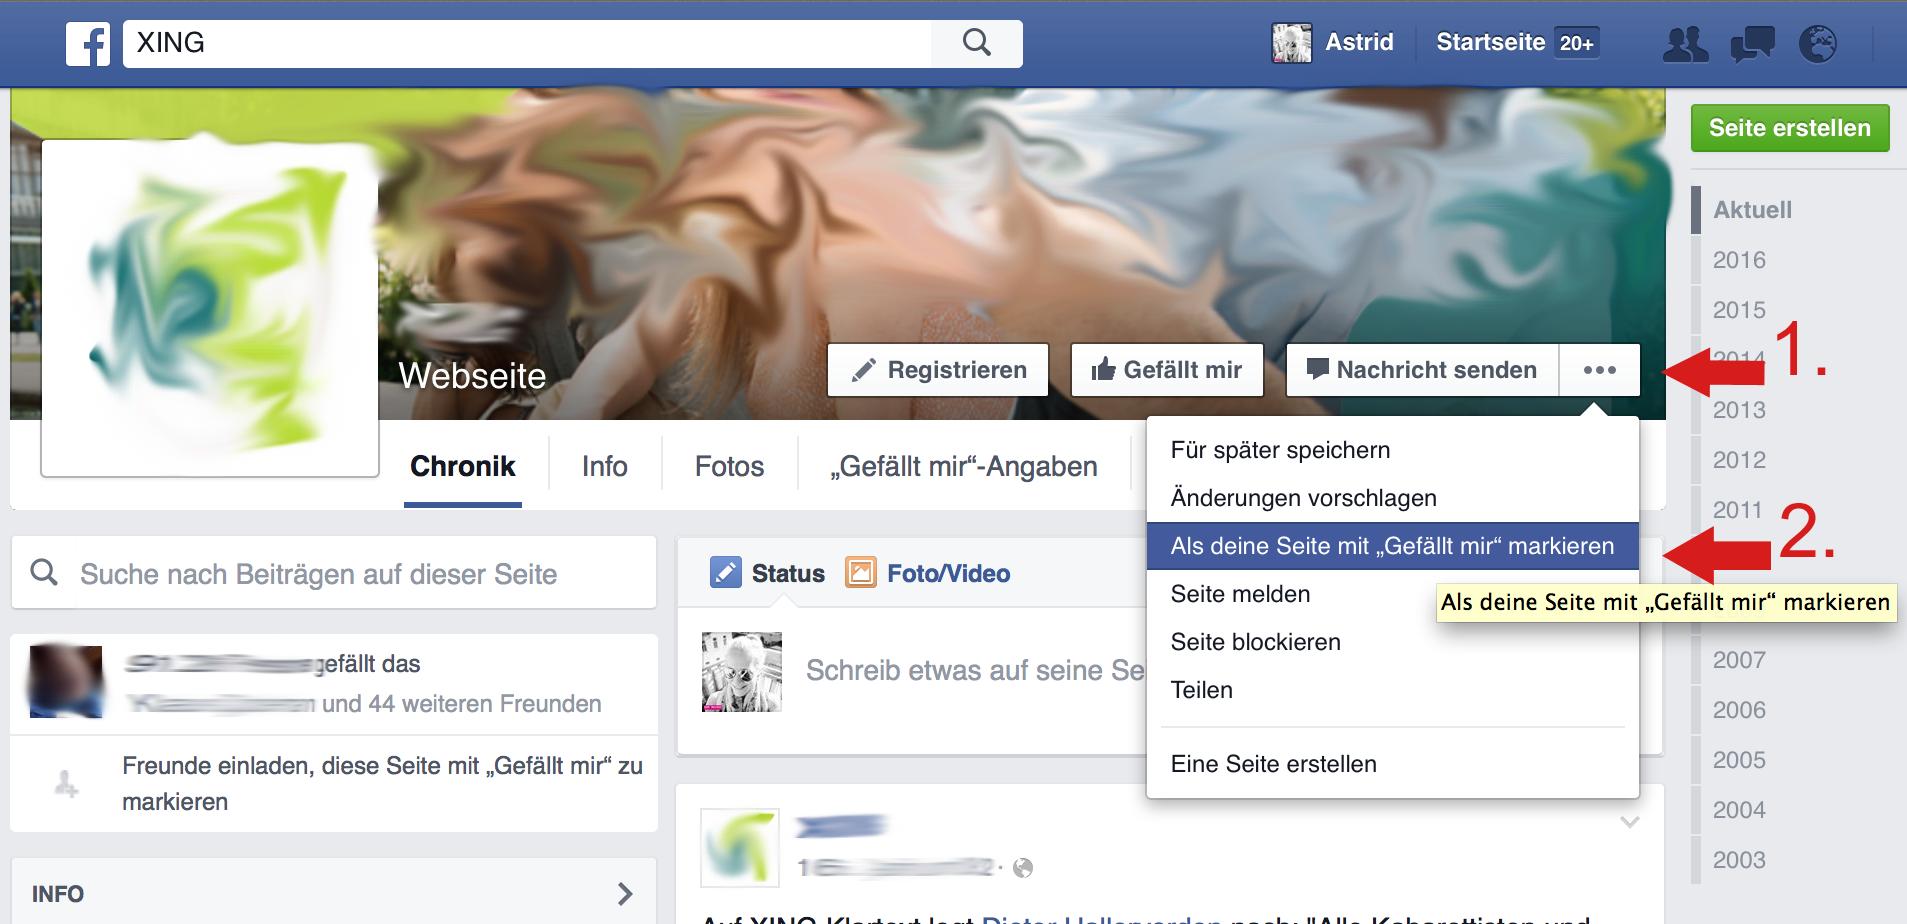 Facebook Seite Markieren